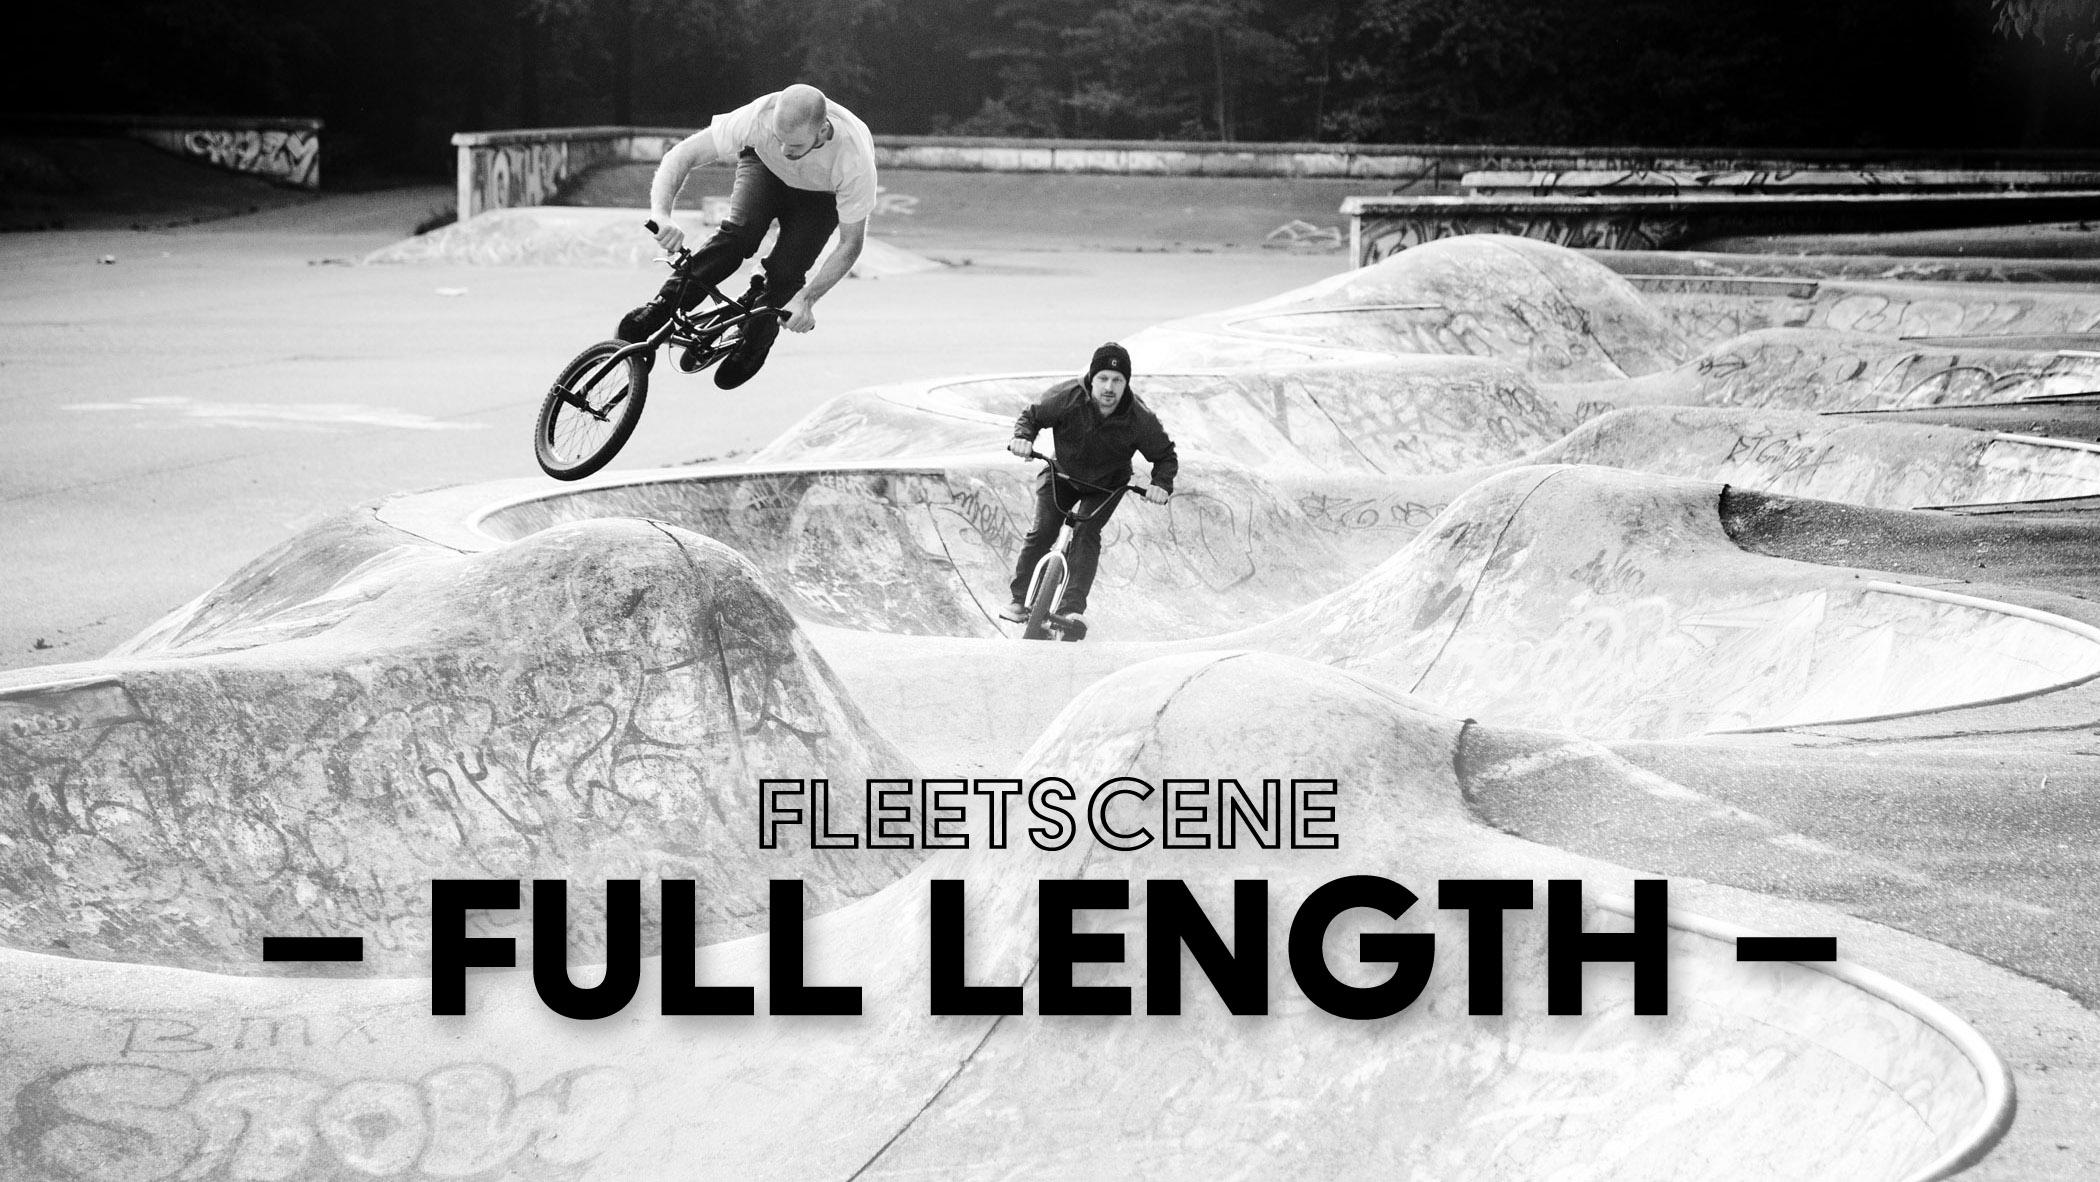 FLEETSCENE: Full Length